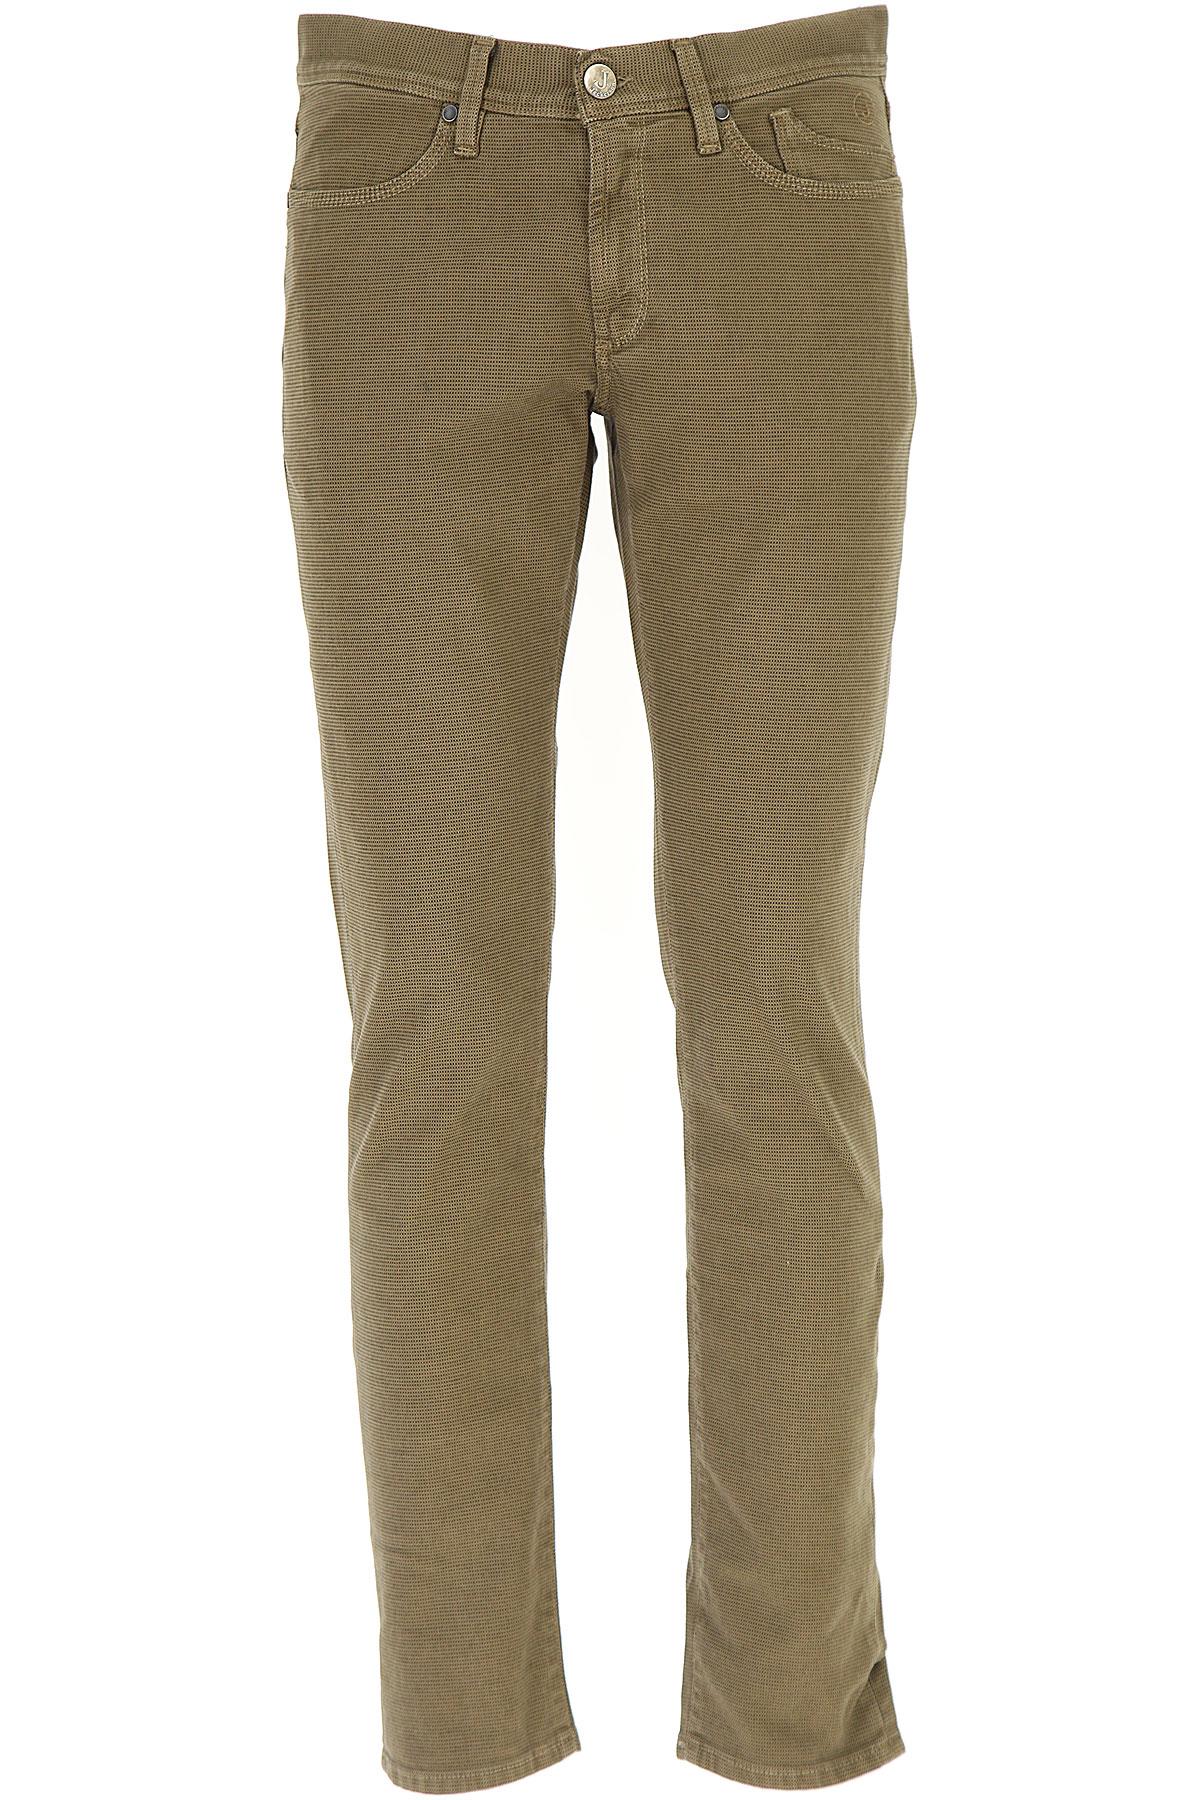 Jeckerson Pants for Men On Sale, Camel, Cotton, 2017, 29 30 31 32 33 34 36 38